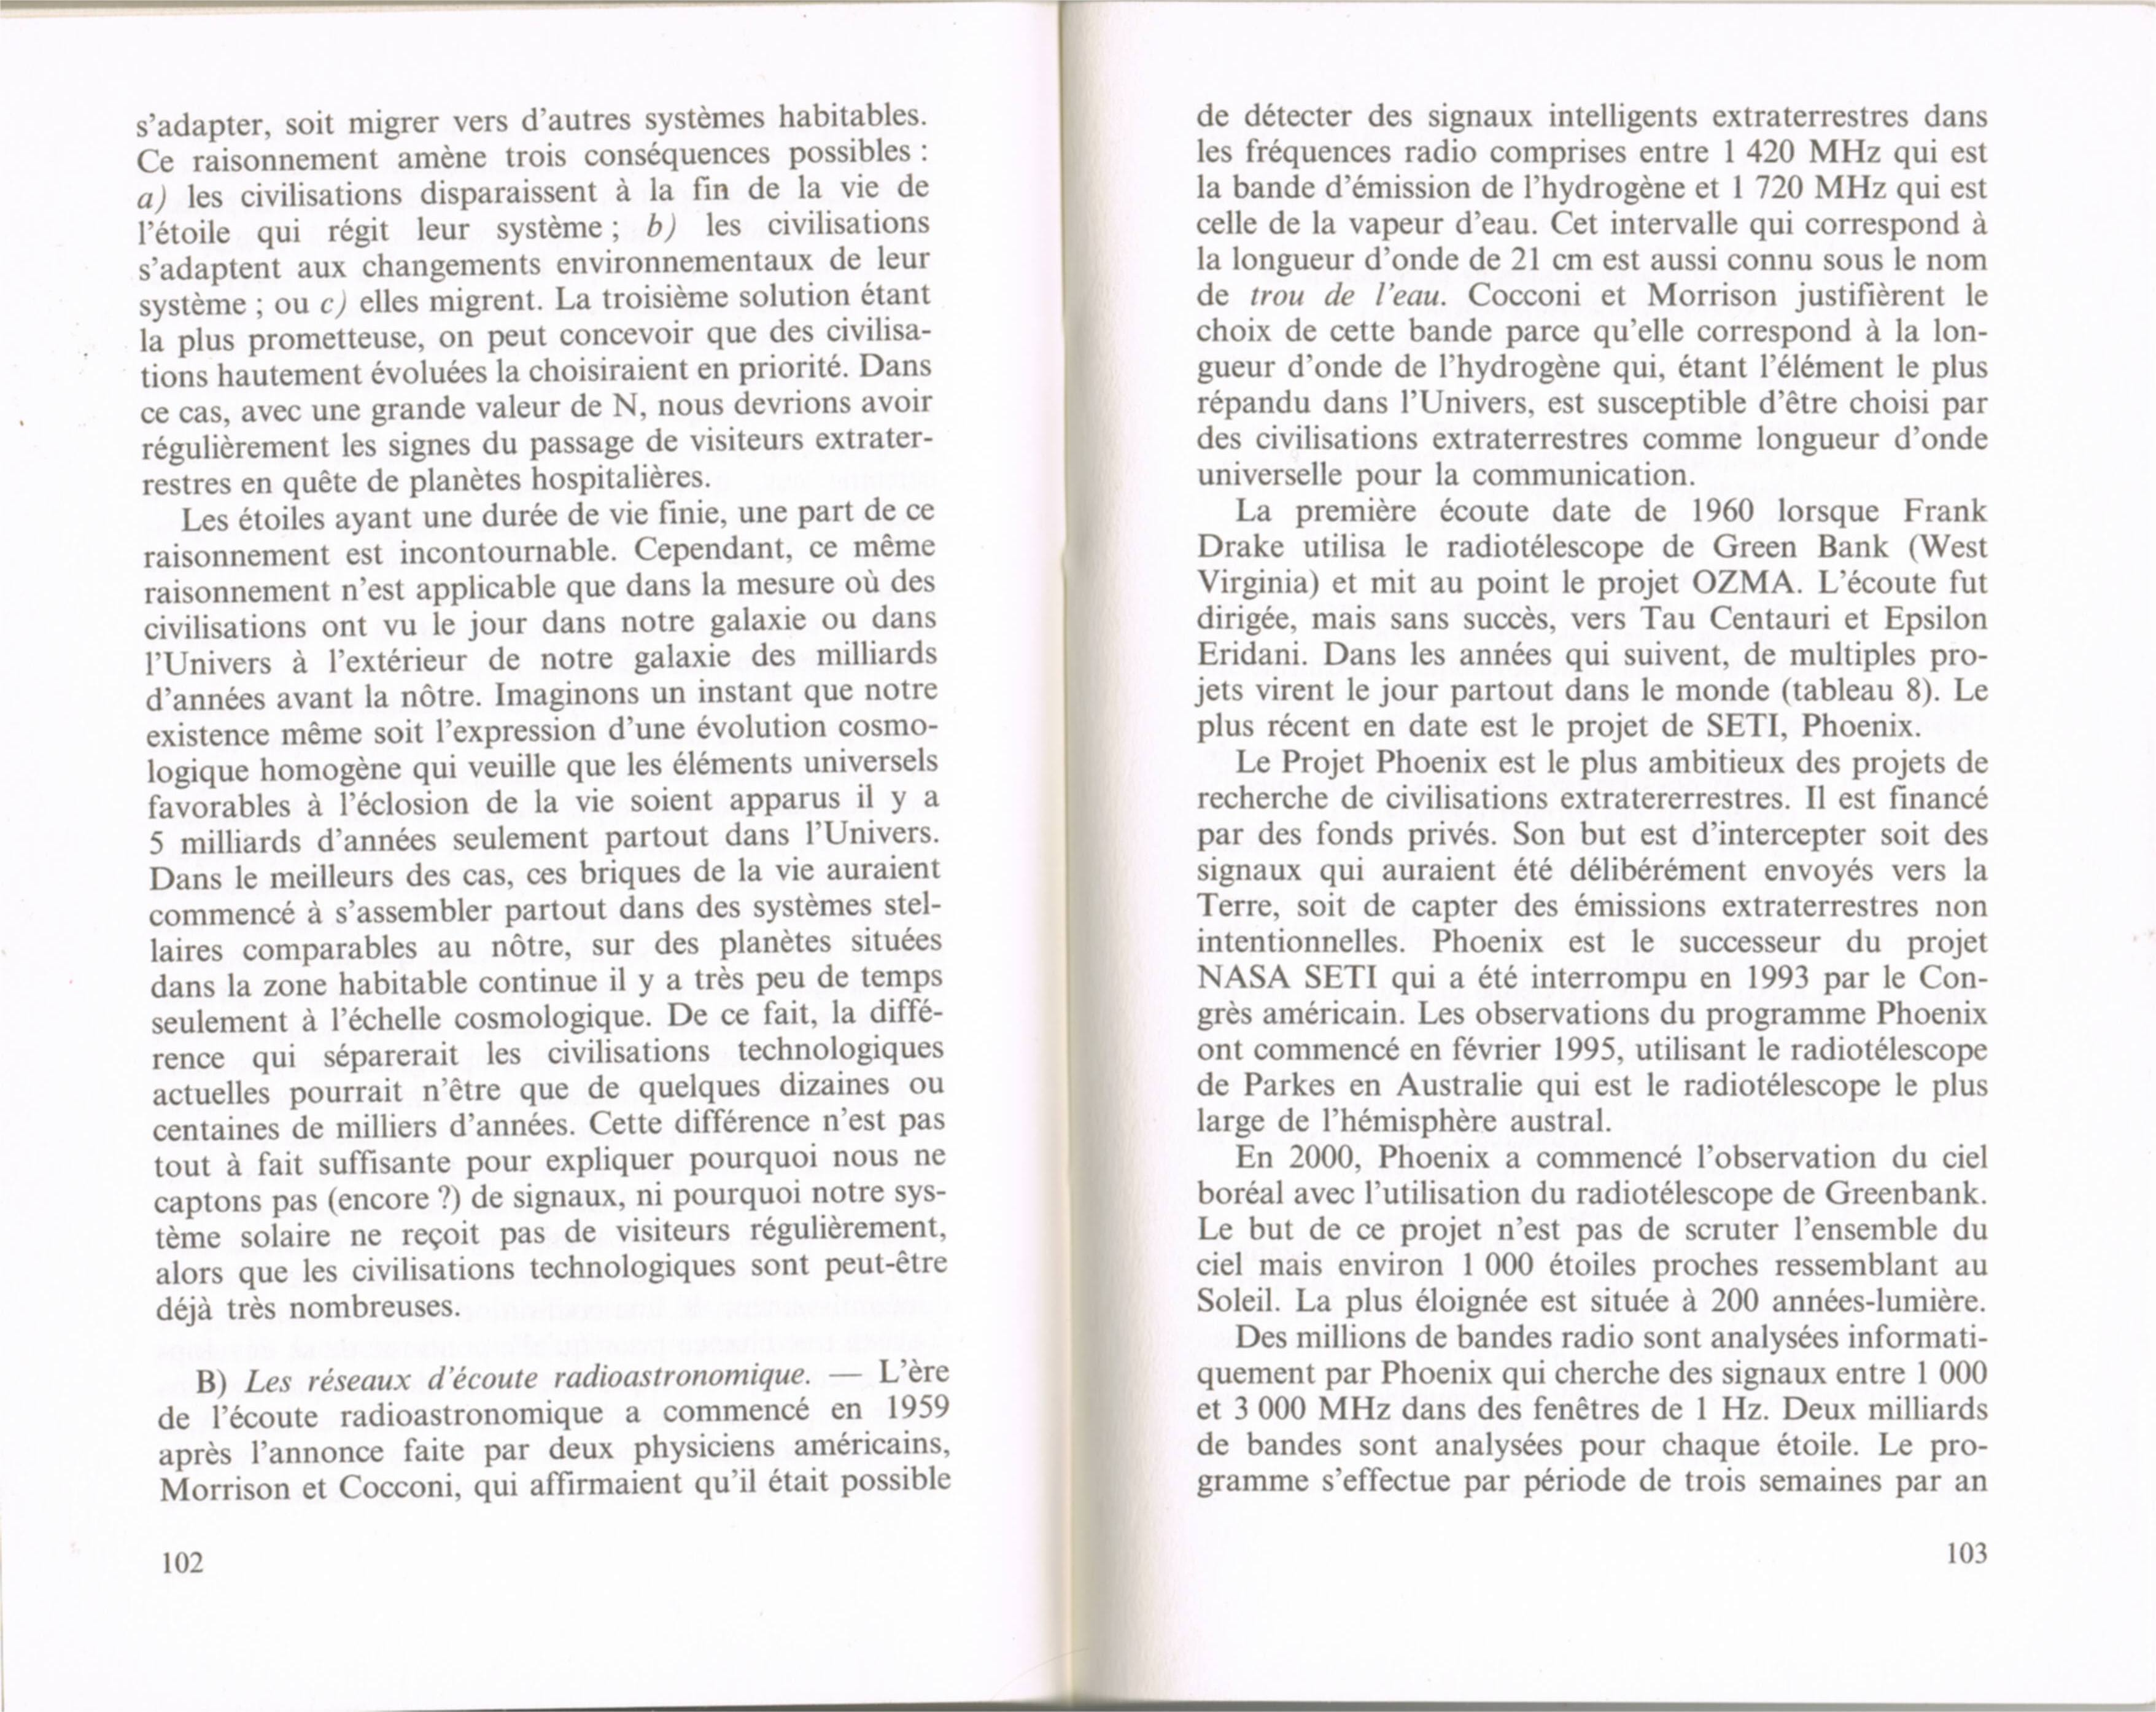 Réflexions sur le paradoxe de Fermi - Page 16 Que%20sais-je%203573%20pages%20201-103